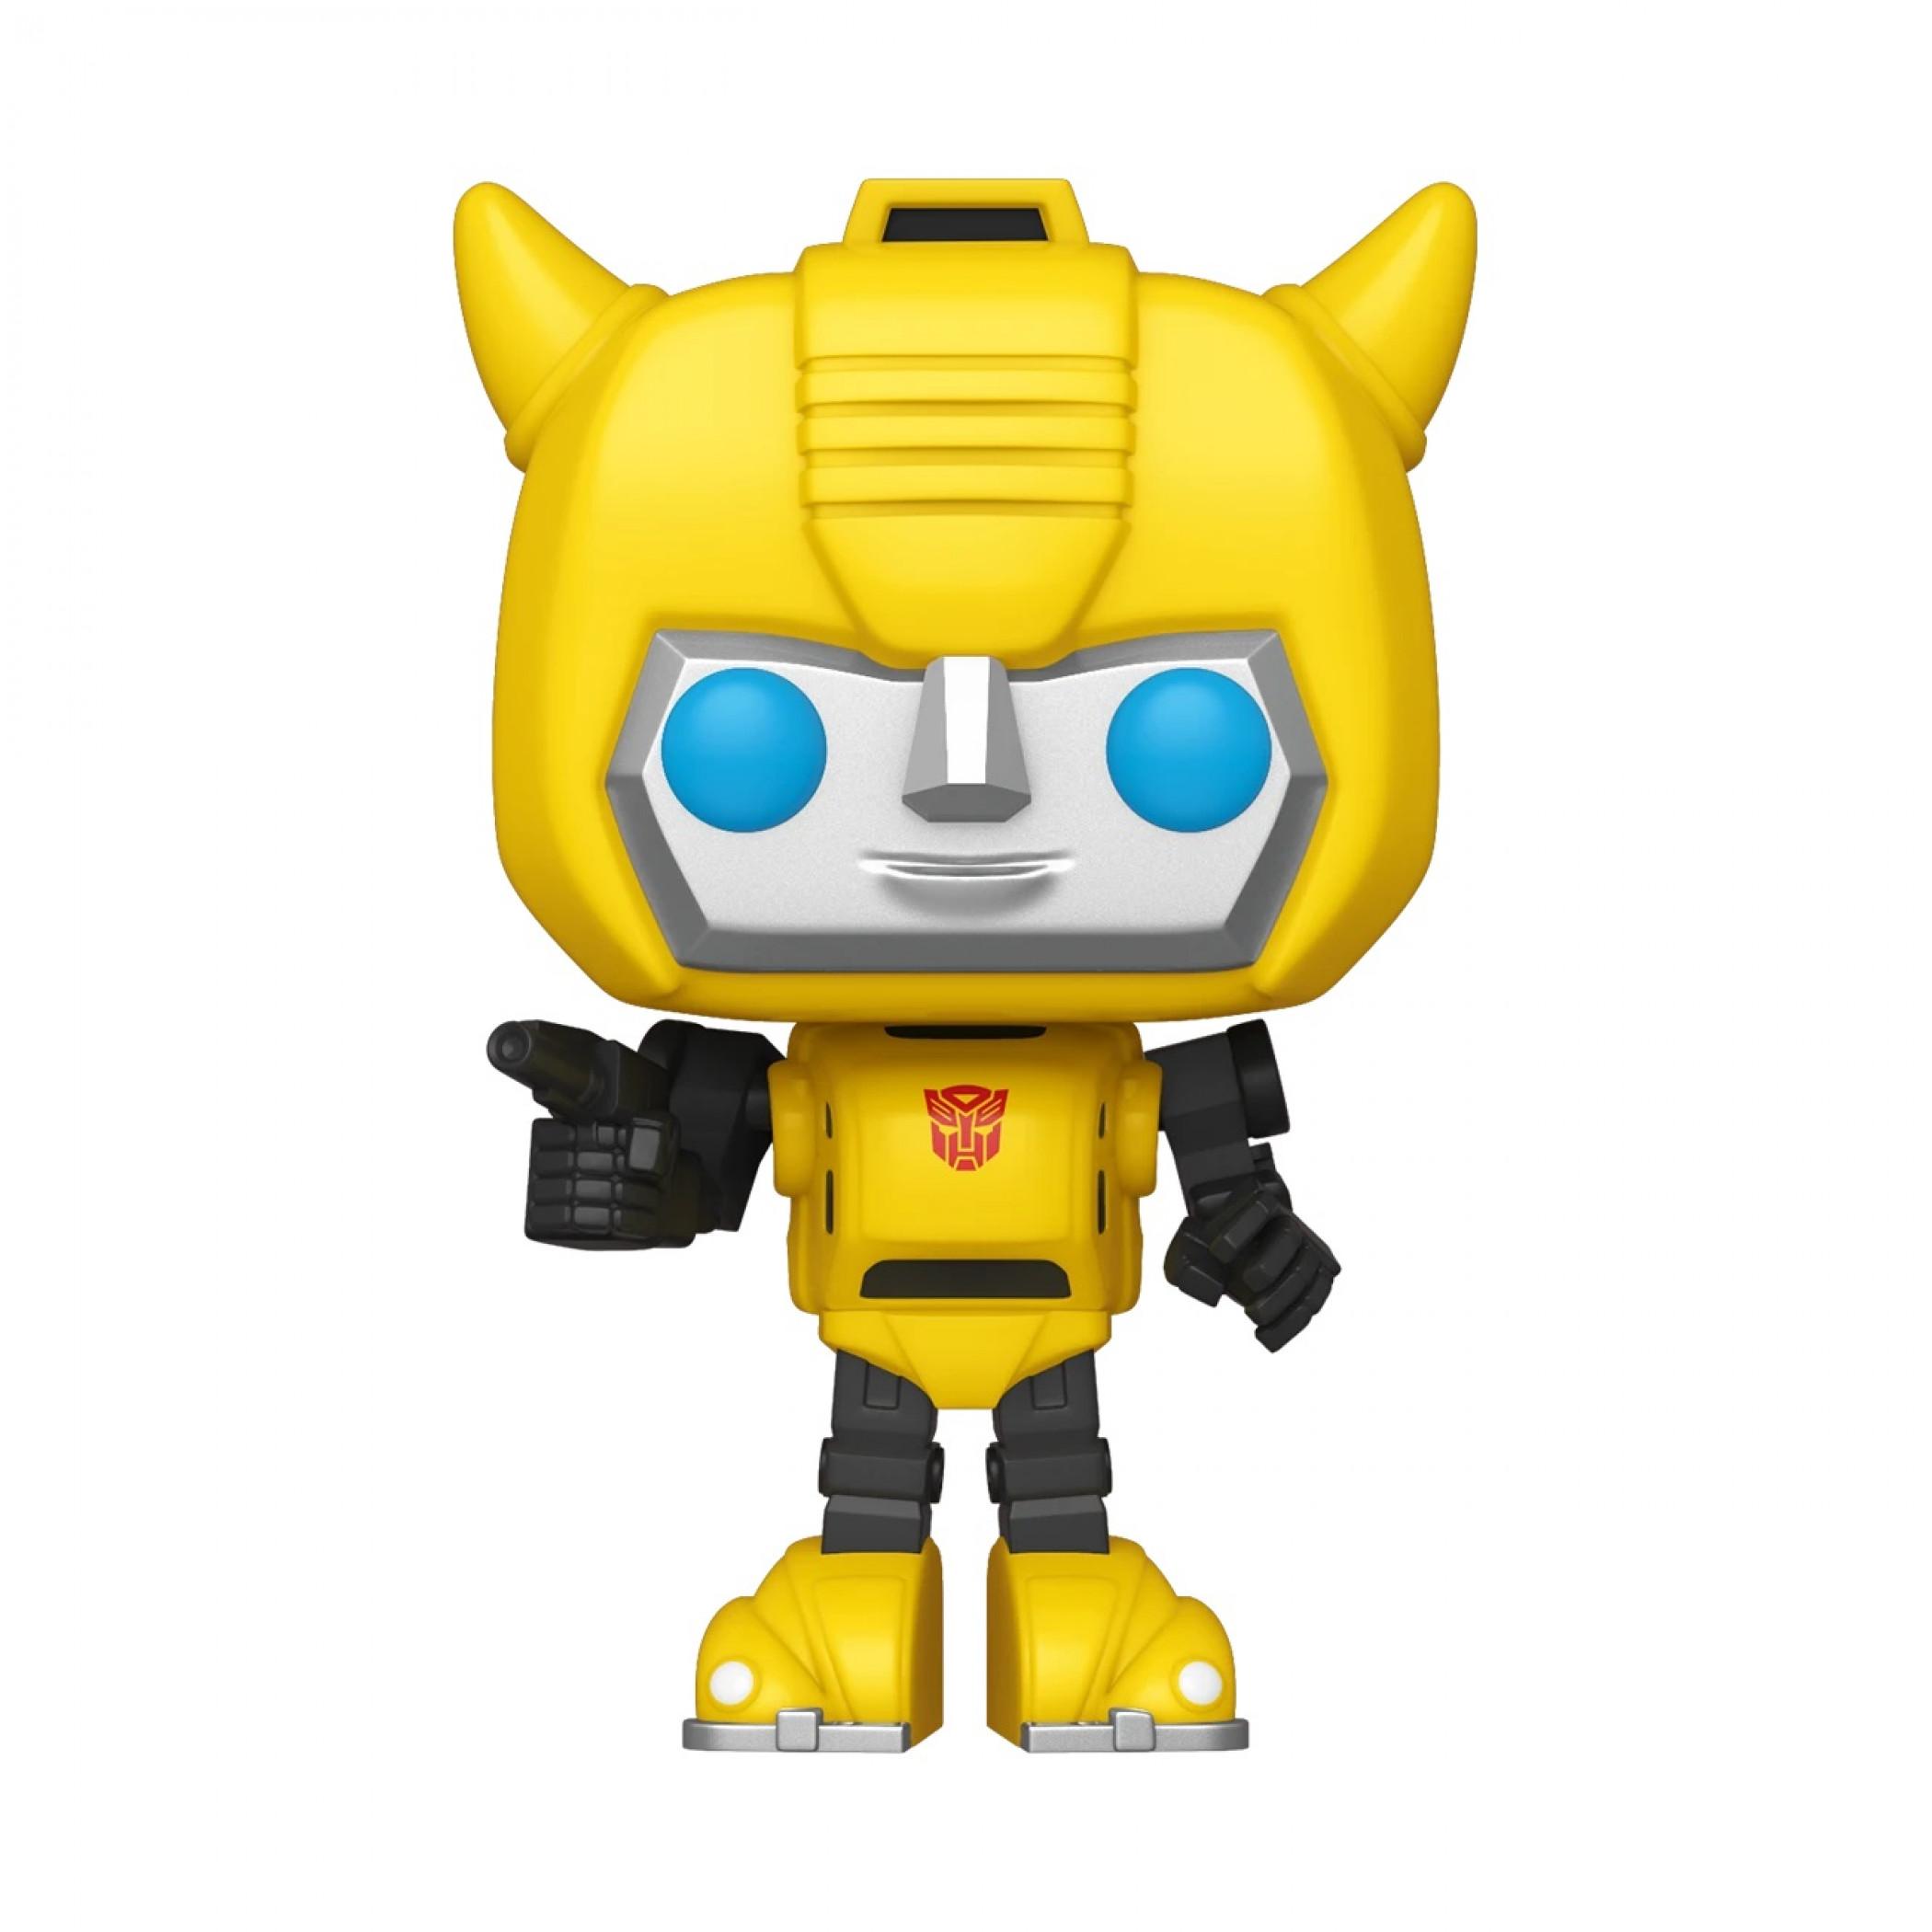 Transformers Bumblebee Vinyl Funko Pop!